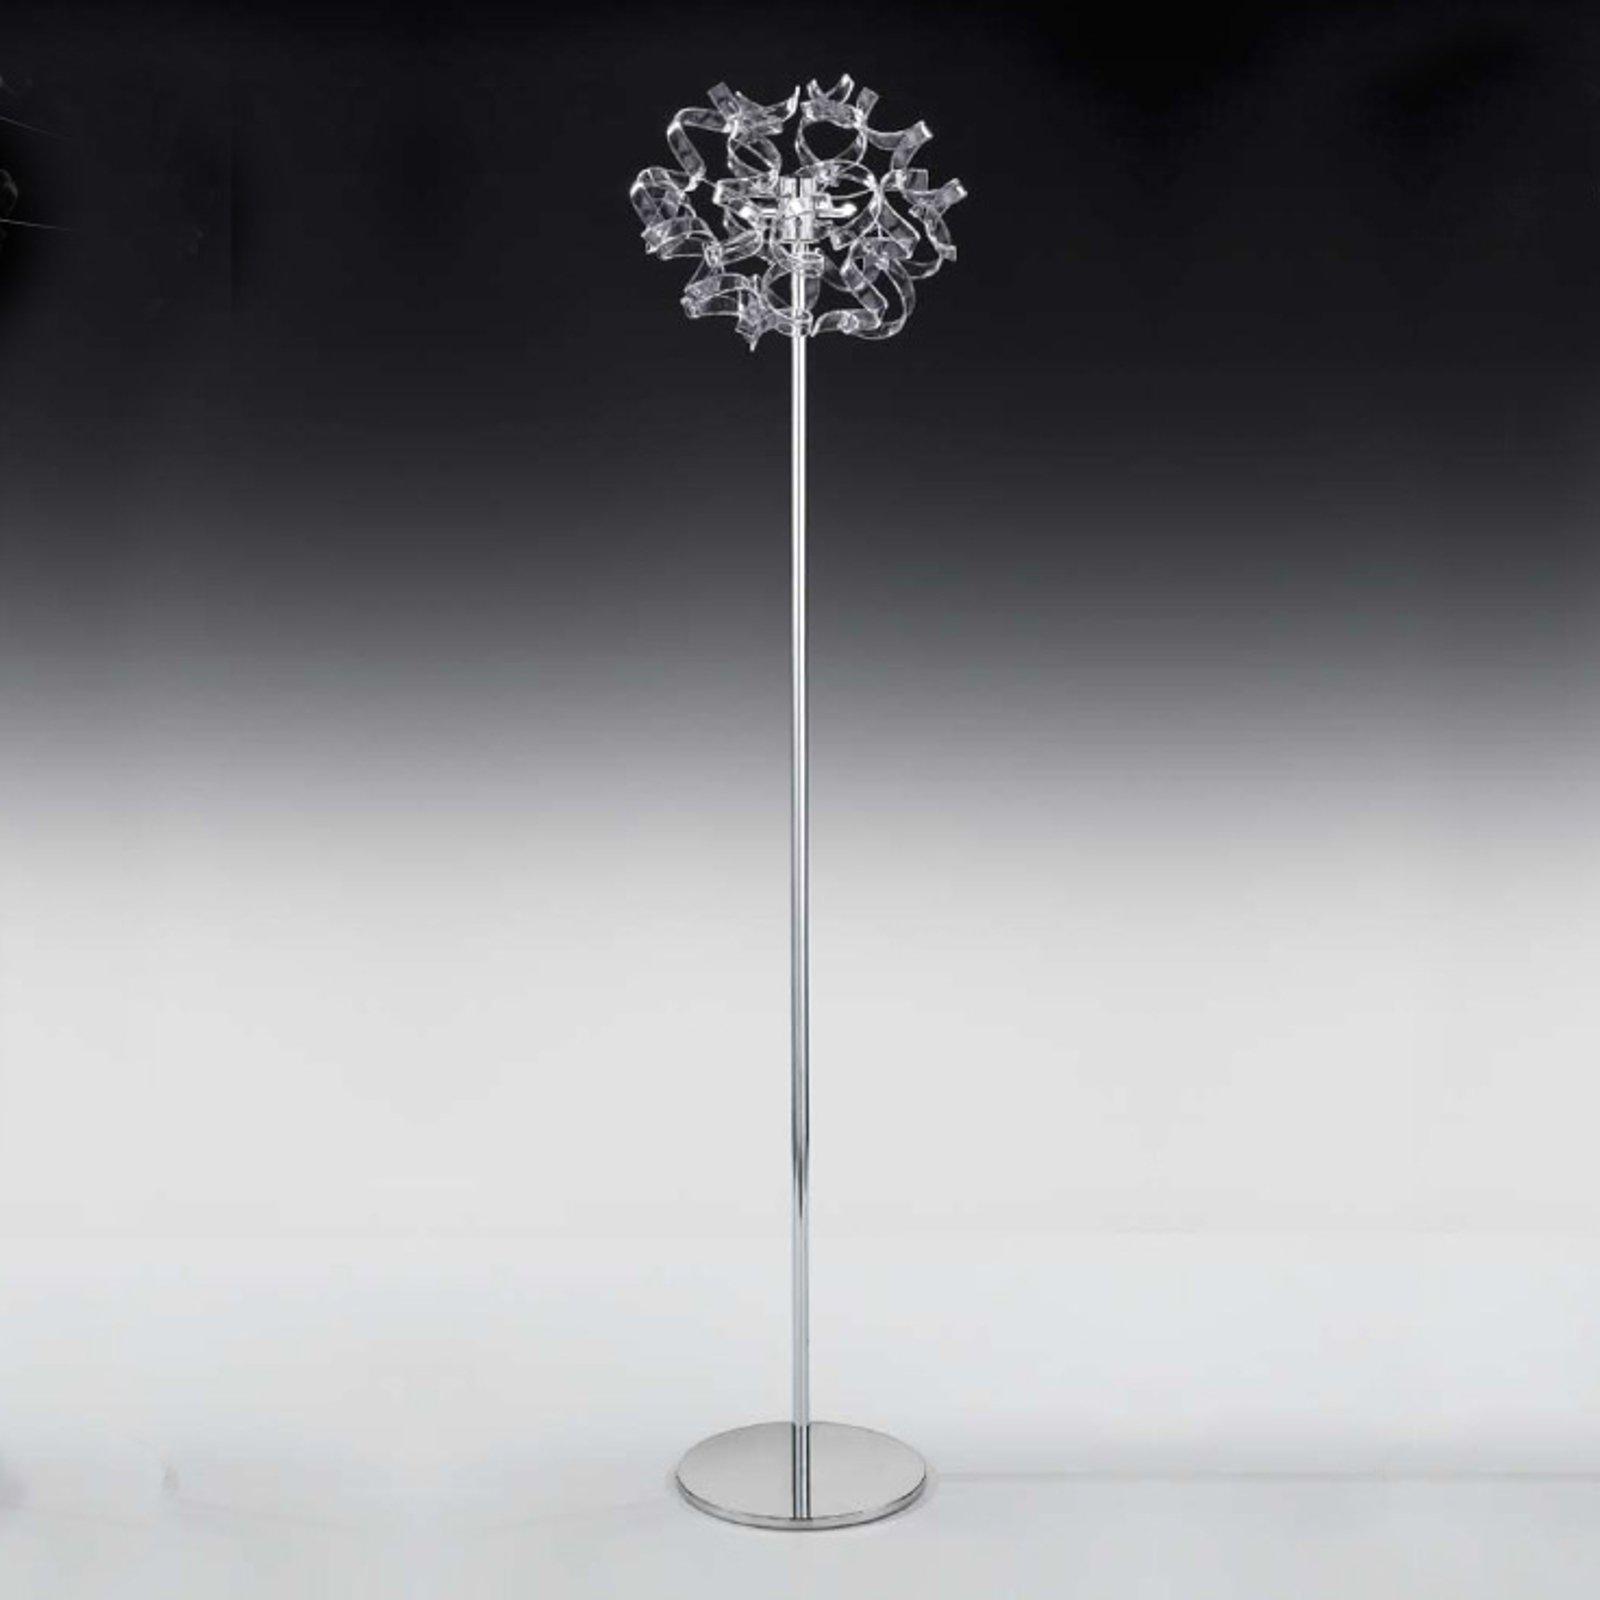 Gulvlampe Crystal med pyntet spiss